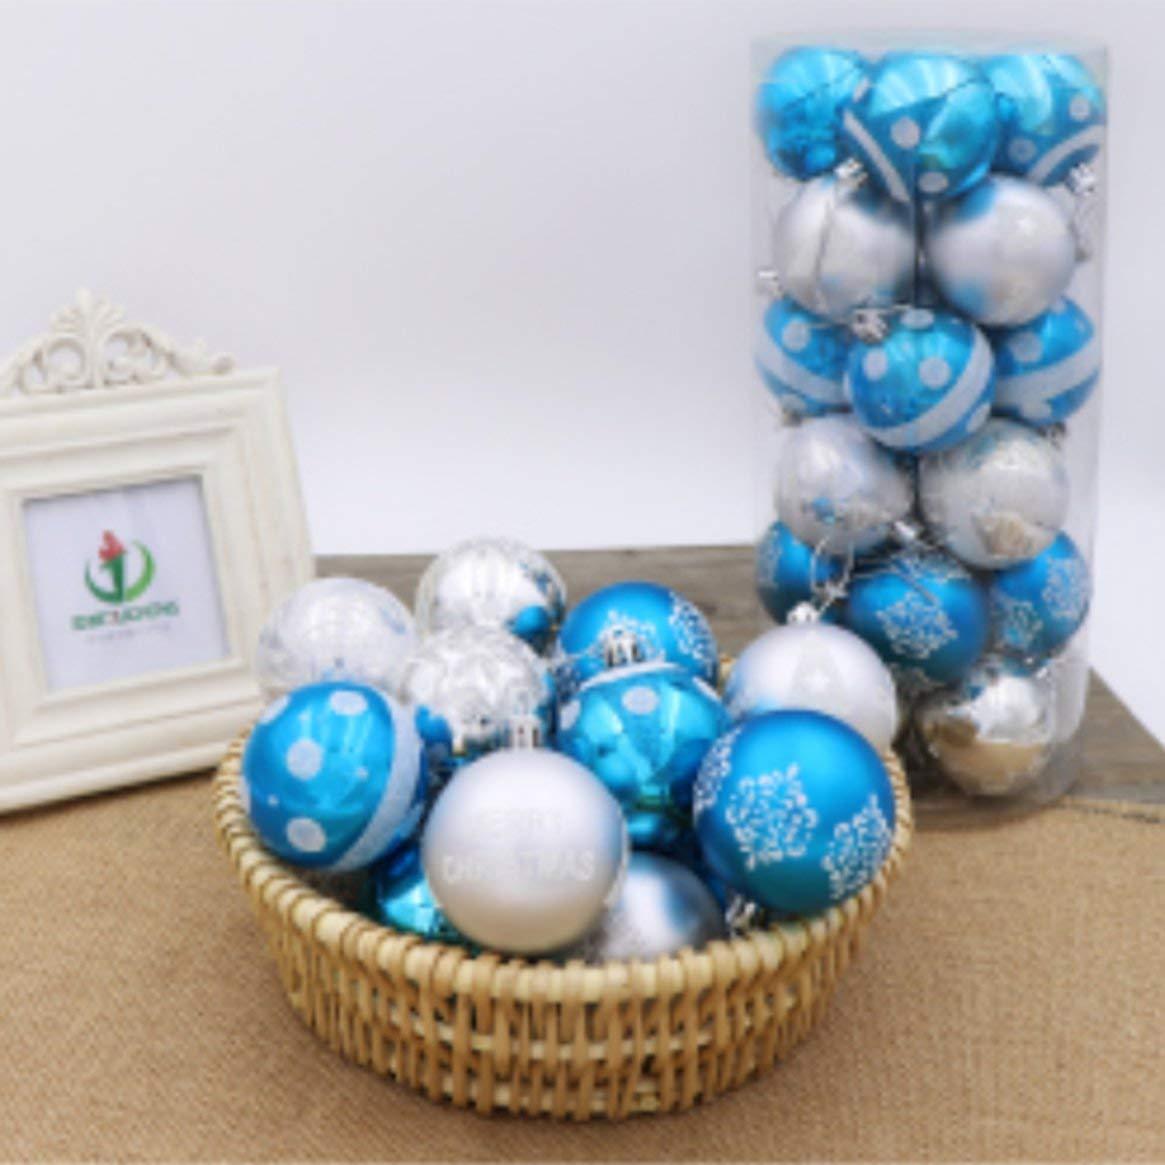 Delicacydex Pallina di Natale Palla Leggera 6cm24 Palla Dipinta Confezione Palla Albero di Natale Decorazione barile